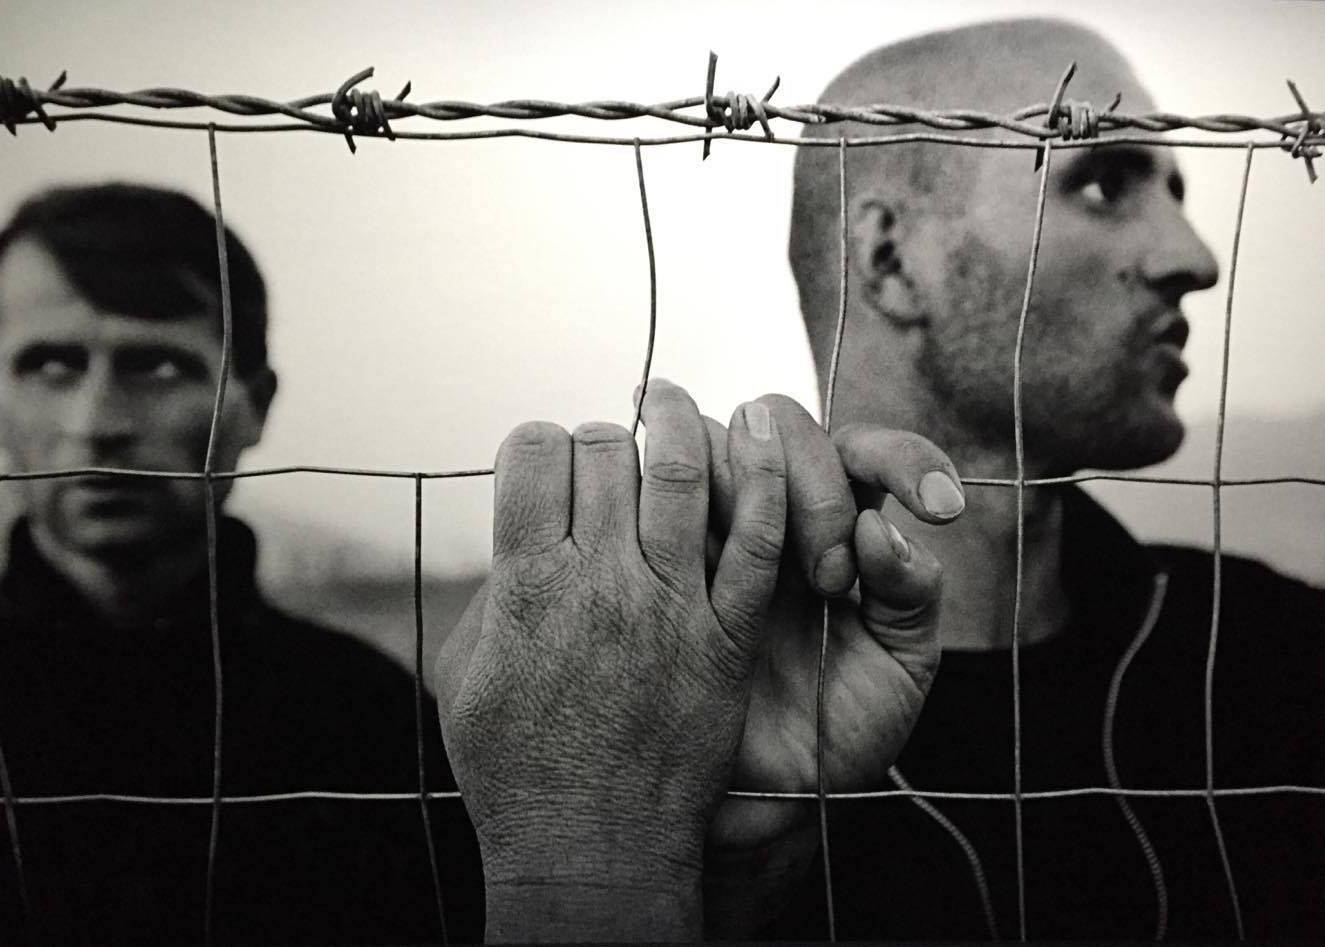 L'umanità ferita negli scatti di James Nachtwey, una grande mostra a Parigi